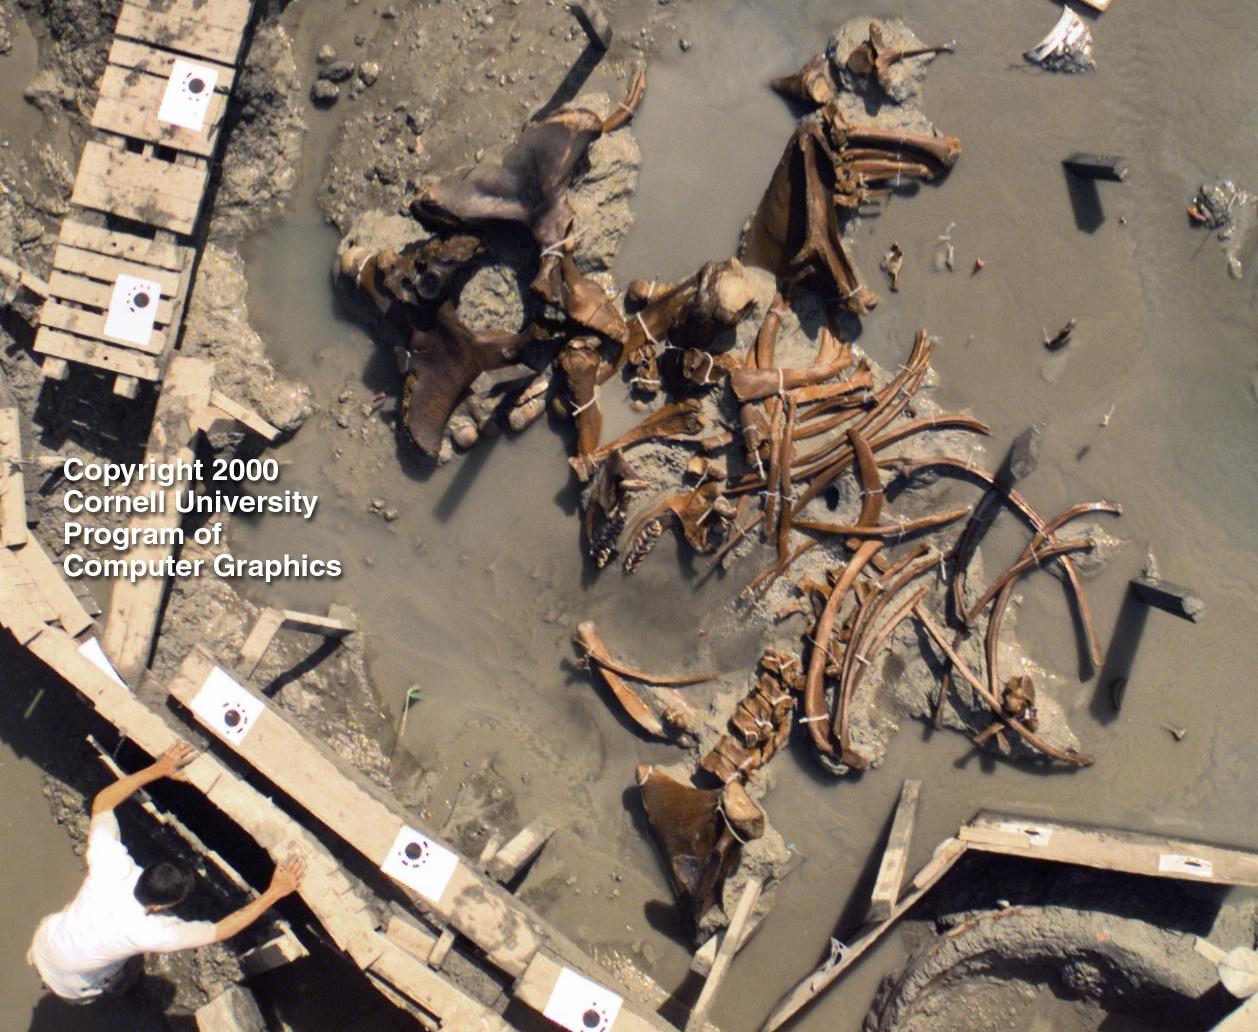 Cornell Üniversitesi'nden araştırmacıların Mastodon fosili üzerinde çalıştıkları bir kare.